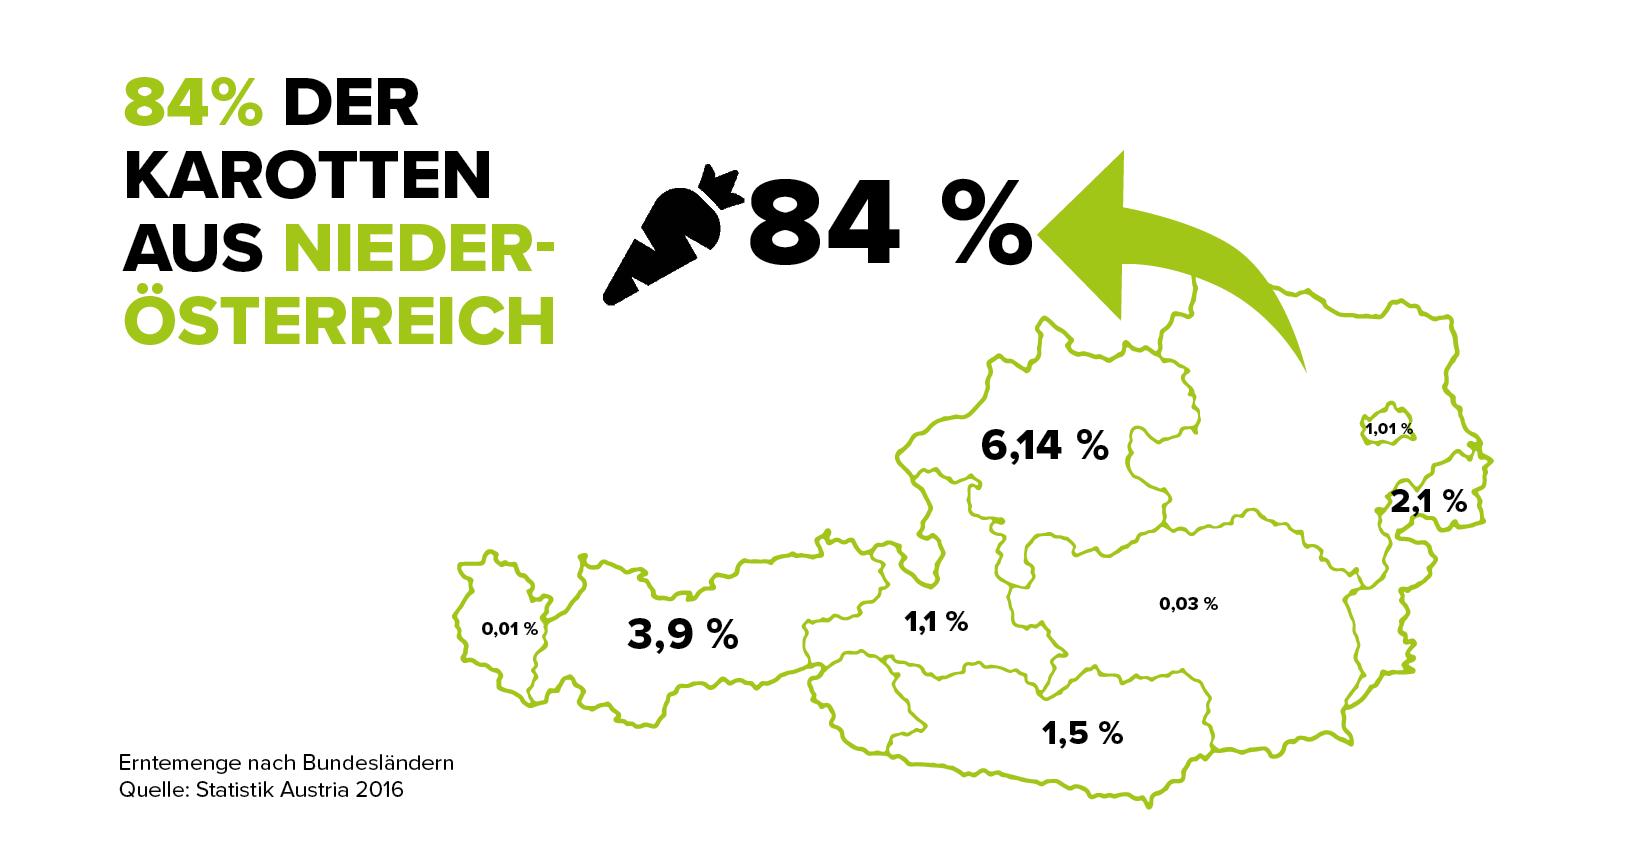 infografik-kartotte-erntemenge-nach-bundeslandern-c-land-schafft-leben-2017-n